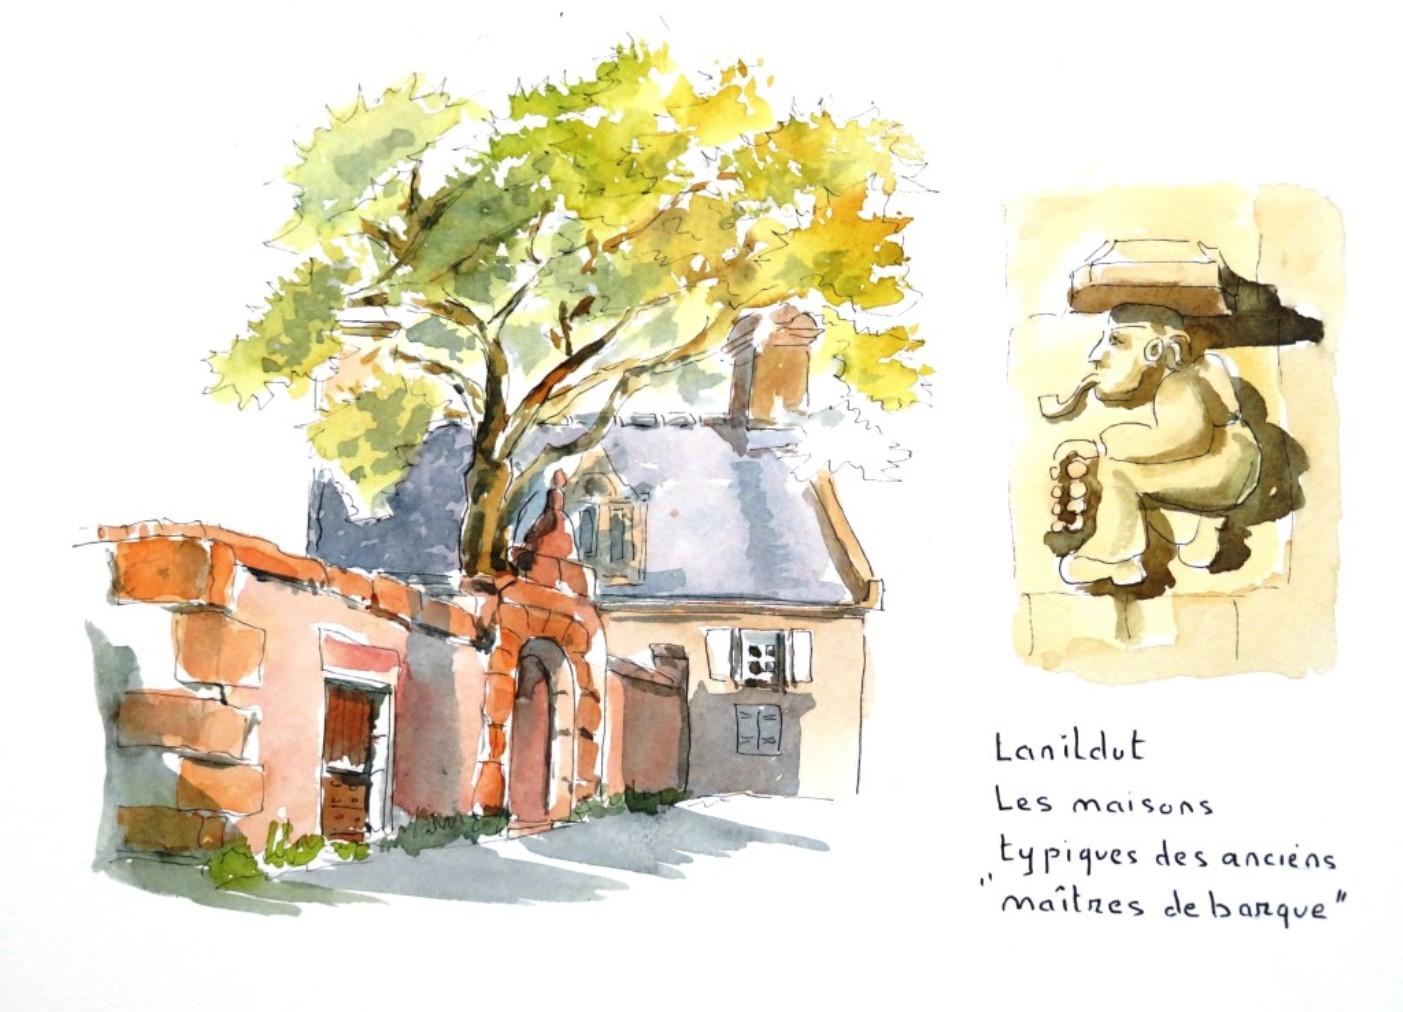 Bretagne 17 Lanildut c